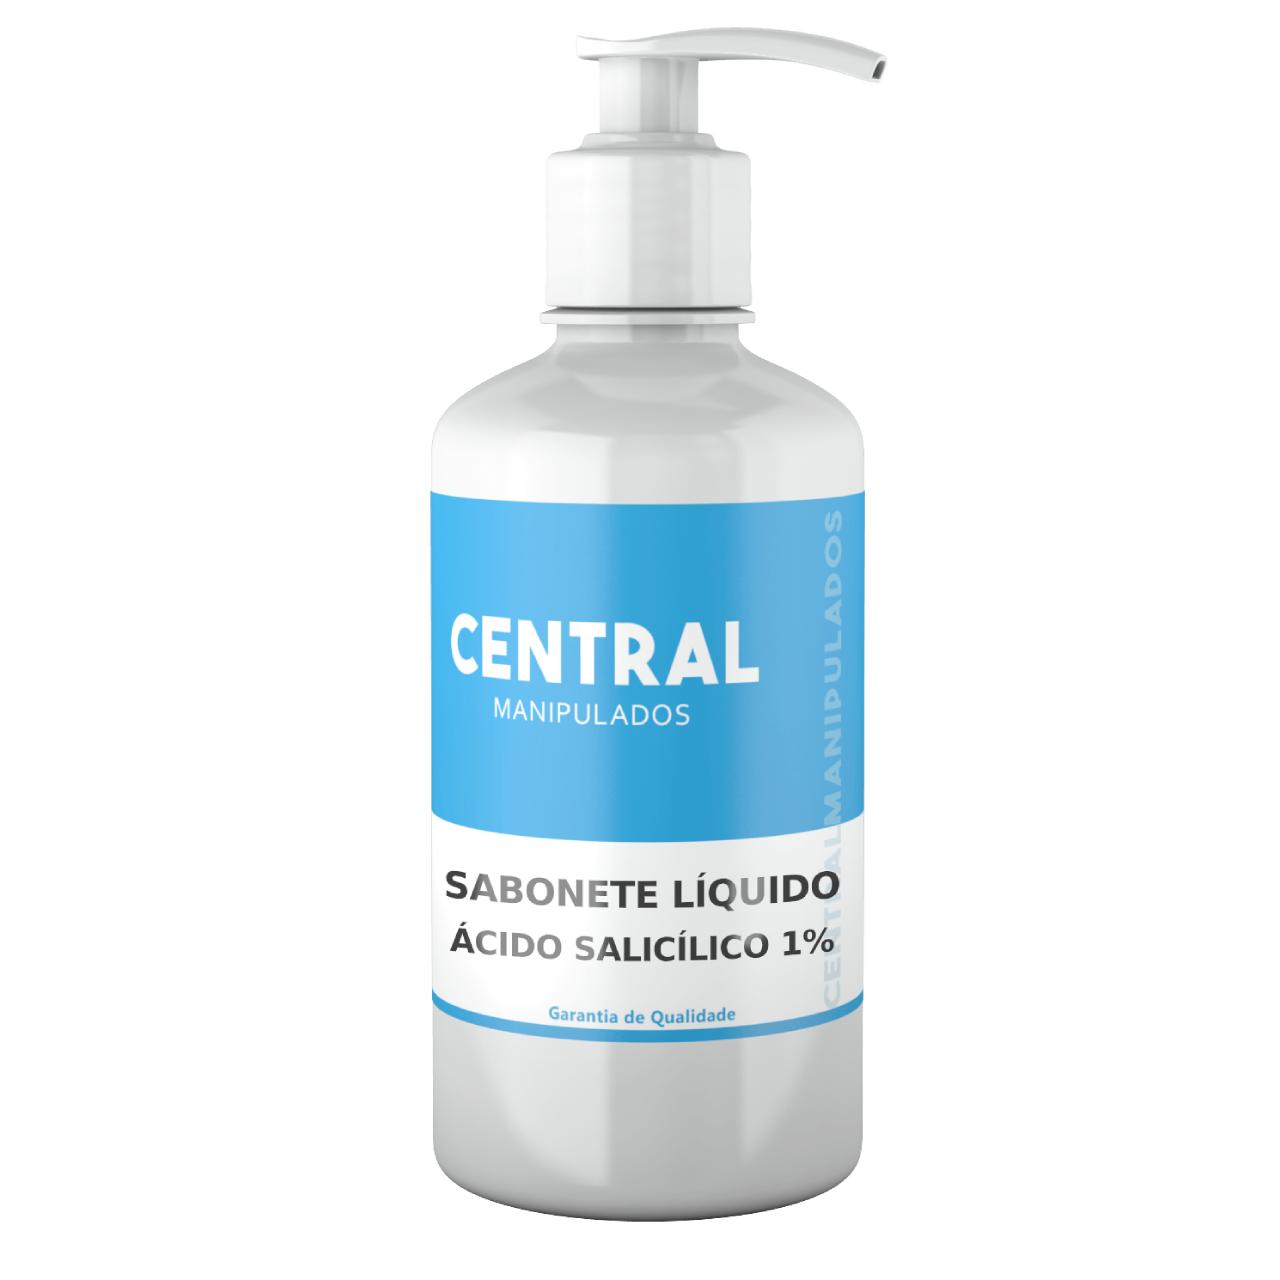 Sabonete Líquido Ácido Salicílico 1% - 100mL - Acne, Caspa, Dermatite seborreica, Regularizador de oleosidade, Esfoliante